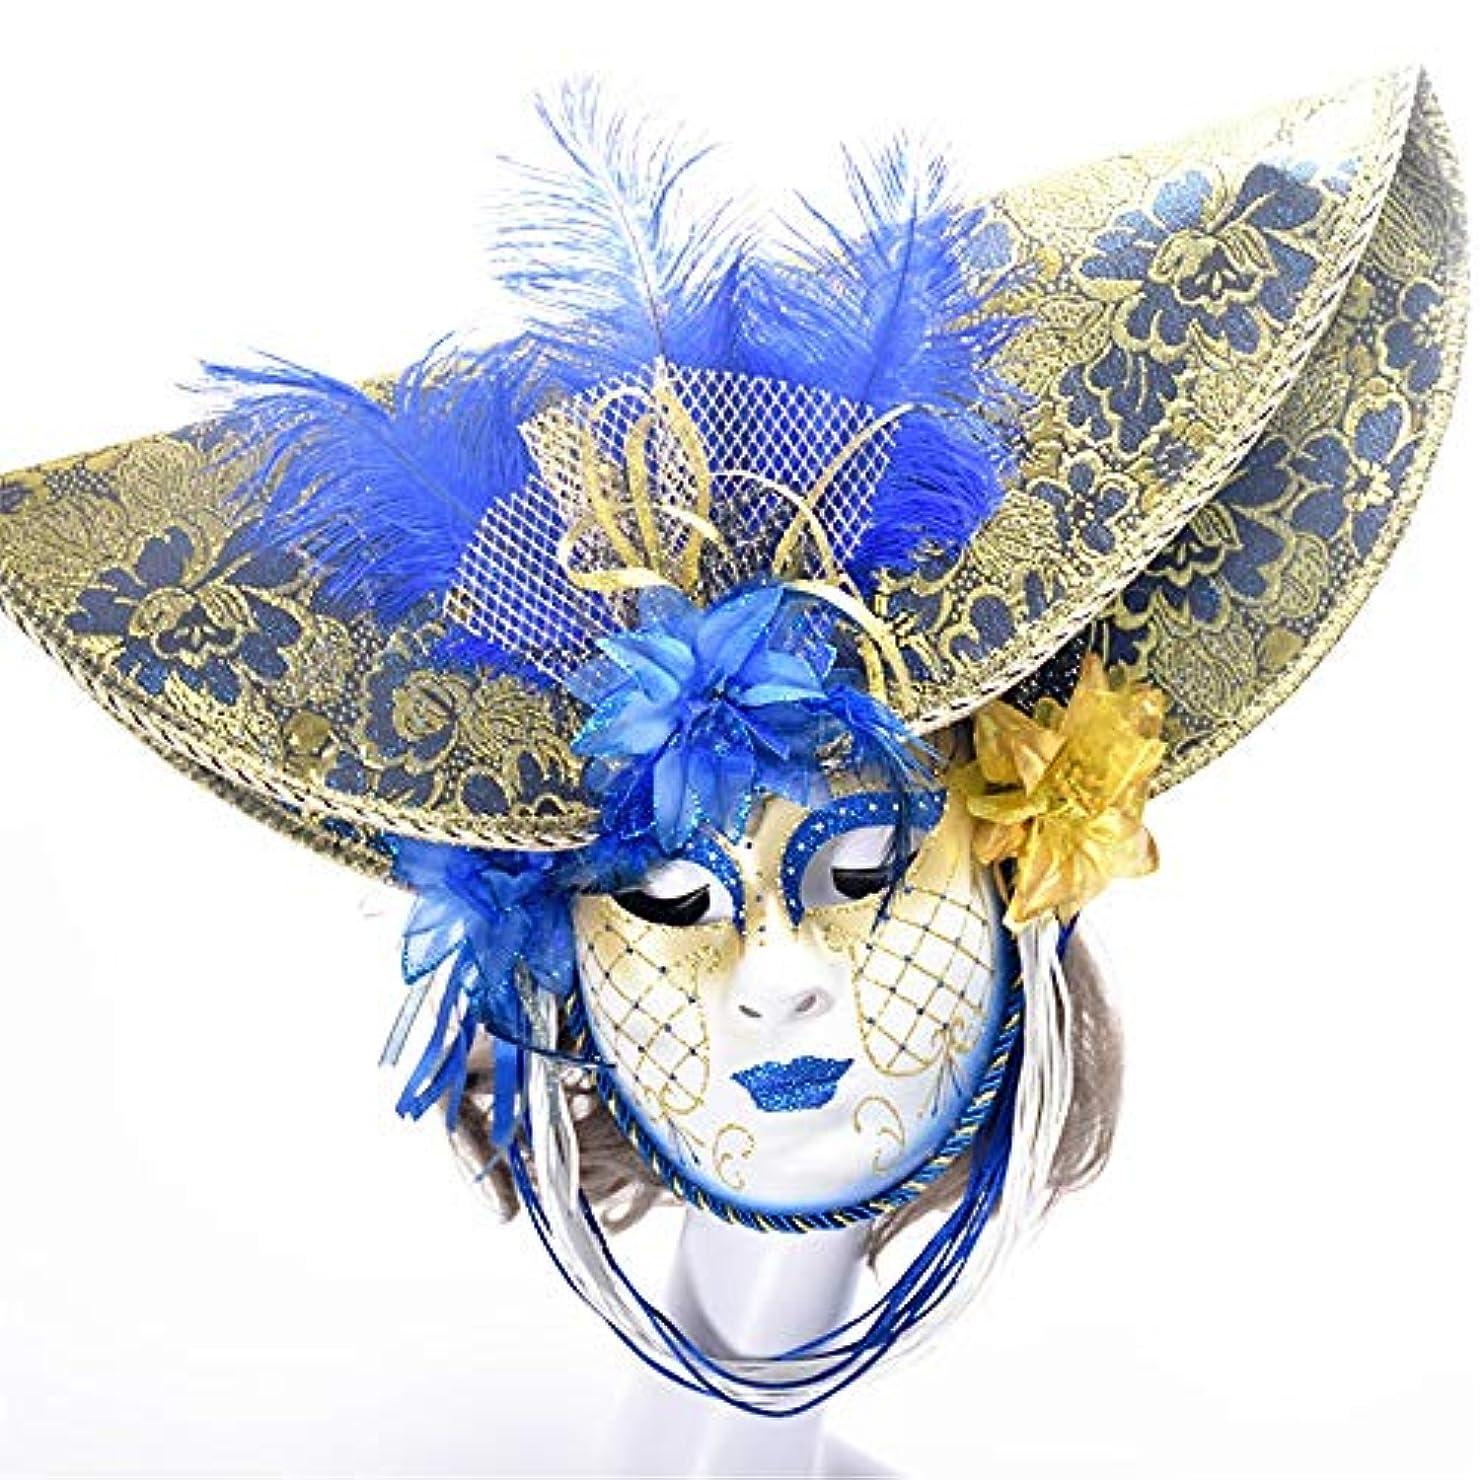 十分なライド衣服ダンスマスク 手描きフルフェイスマスク大人仮装パーティーブルーフェイスナイトクラブパーティーフェスティバルロールプレイングプラスチックマスク パーティーボールマスク (色 : 青, サイズ : 55x35cm)